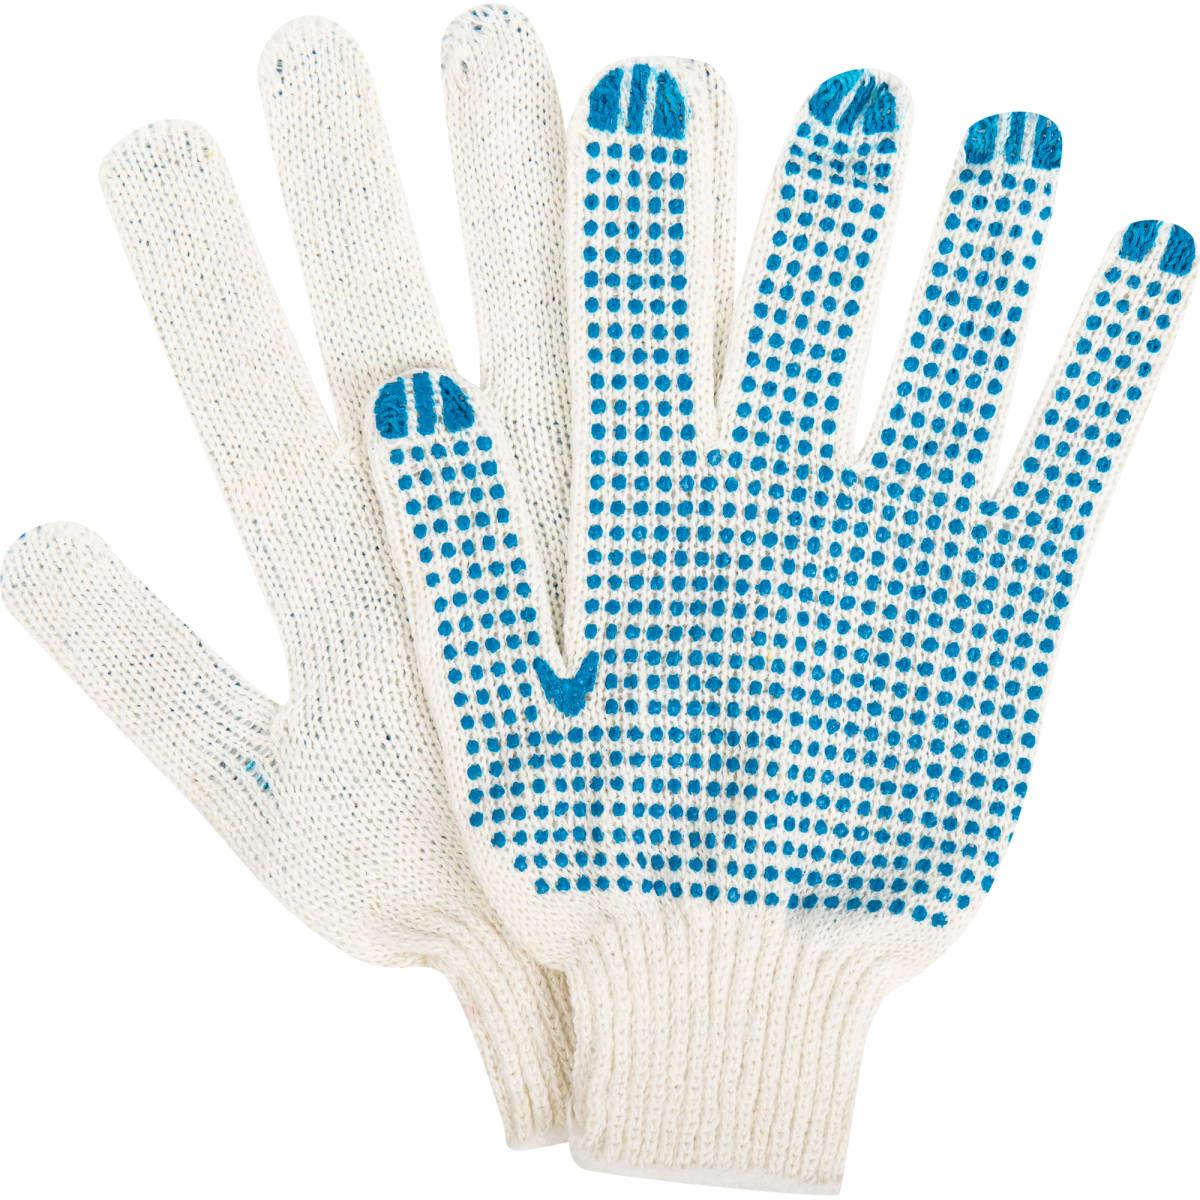 Перчатки трикотажные, ПВХ, 7 класс, упаковка 6 пар